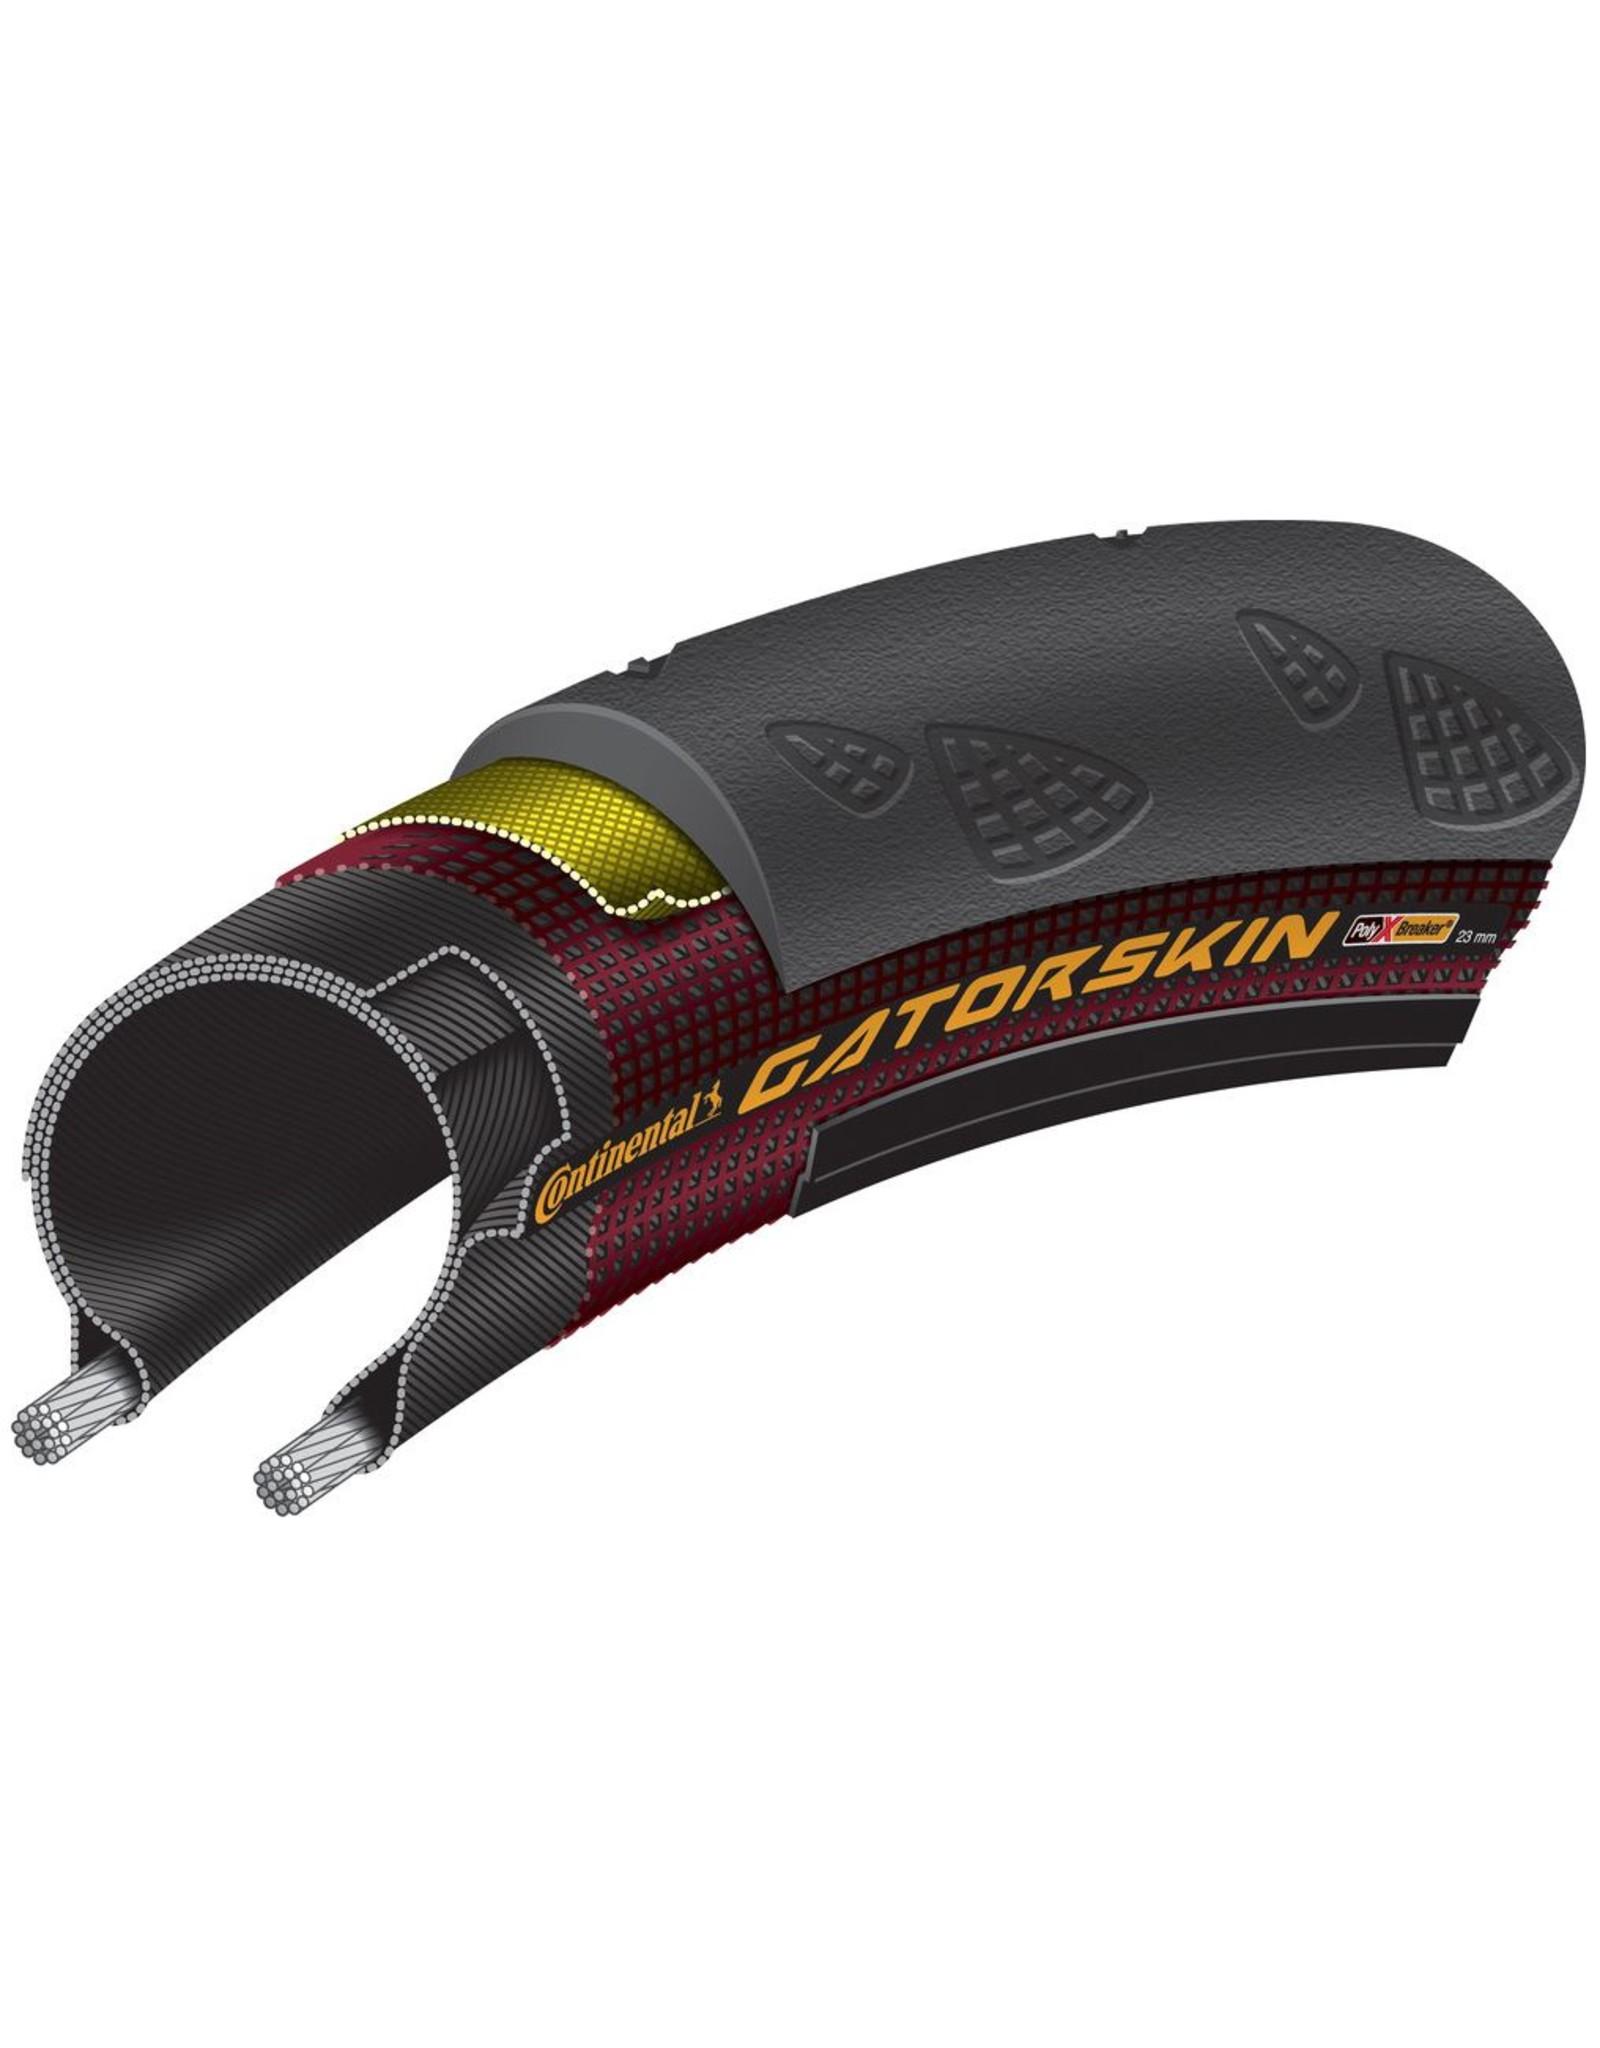 CONTINENTAL Continental Gatorskin 700c Wire Bead Tire Duraskin